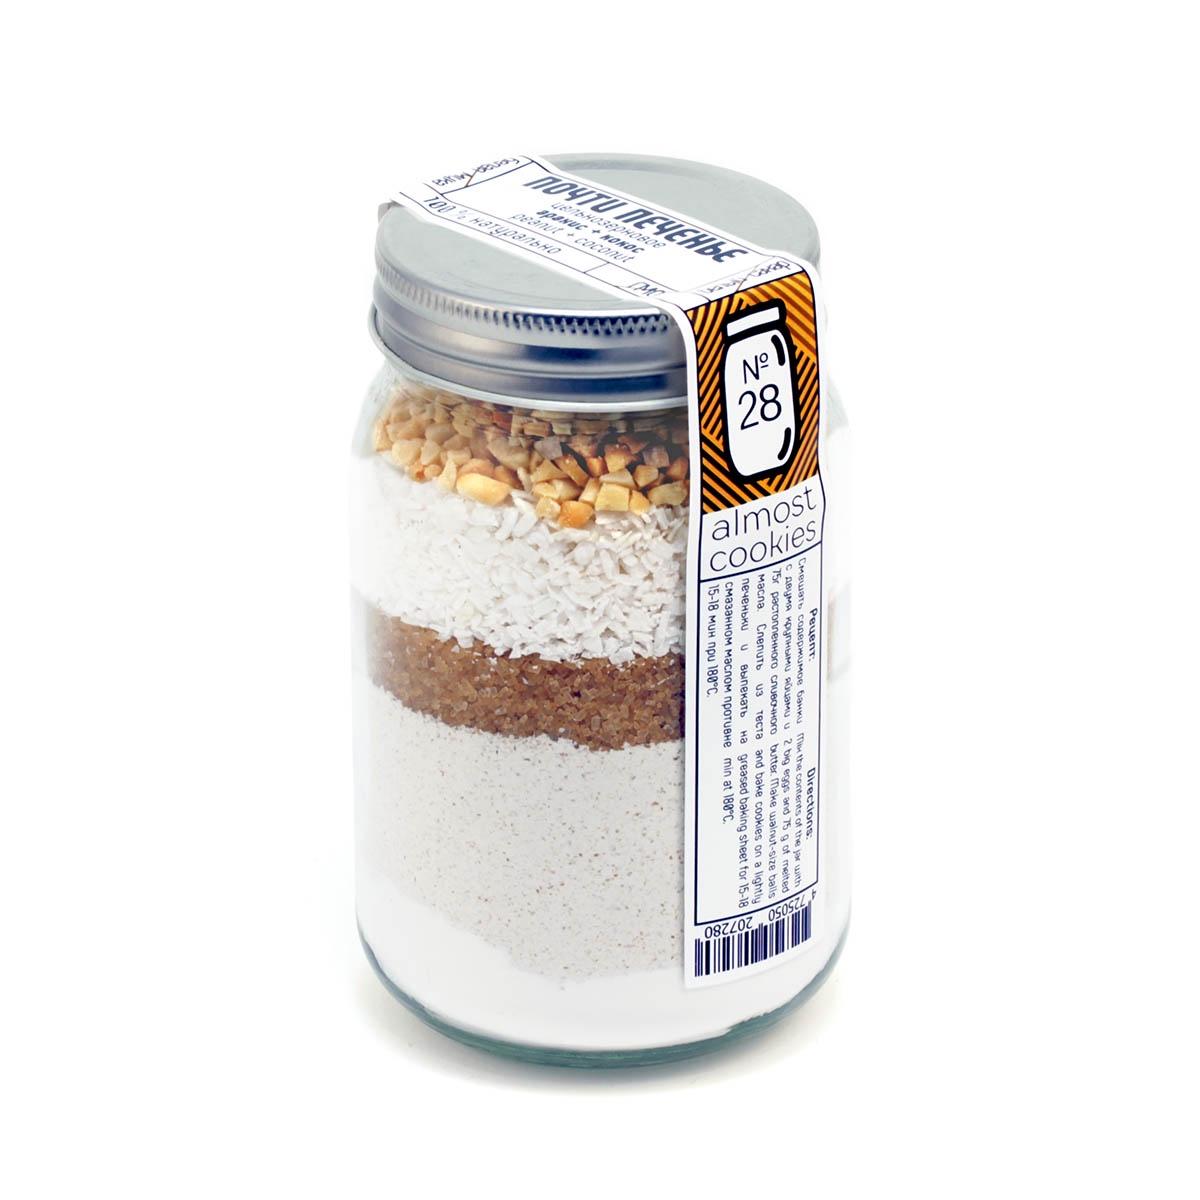 Смесь для выпечки Почти Печенье Арахис + кокос смесь для выпечки почти печенье 40 700